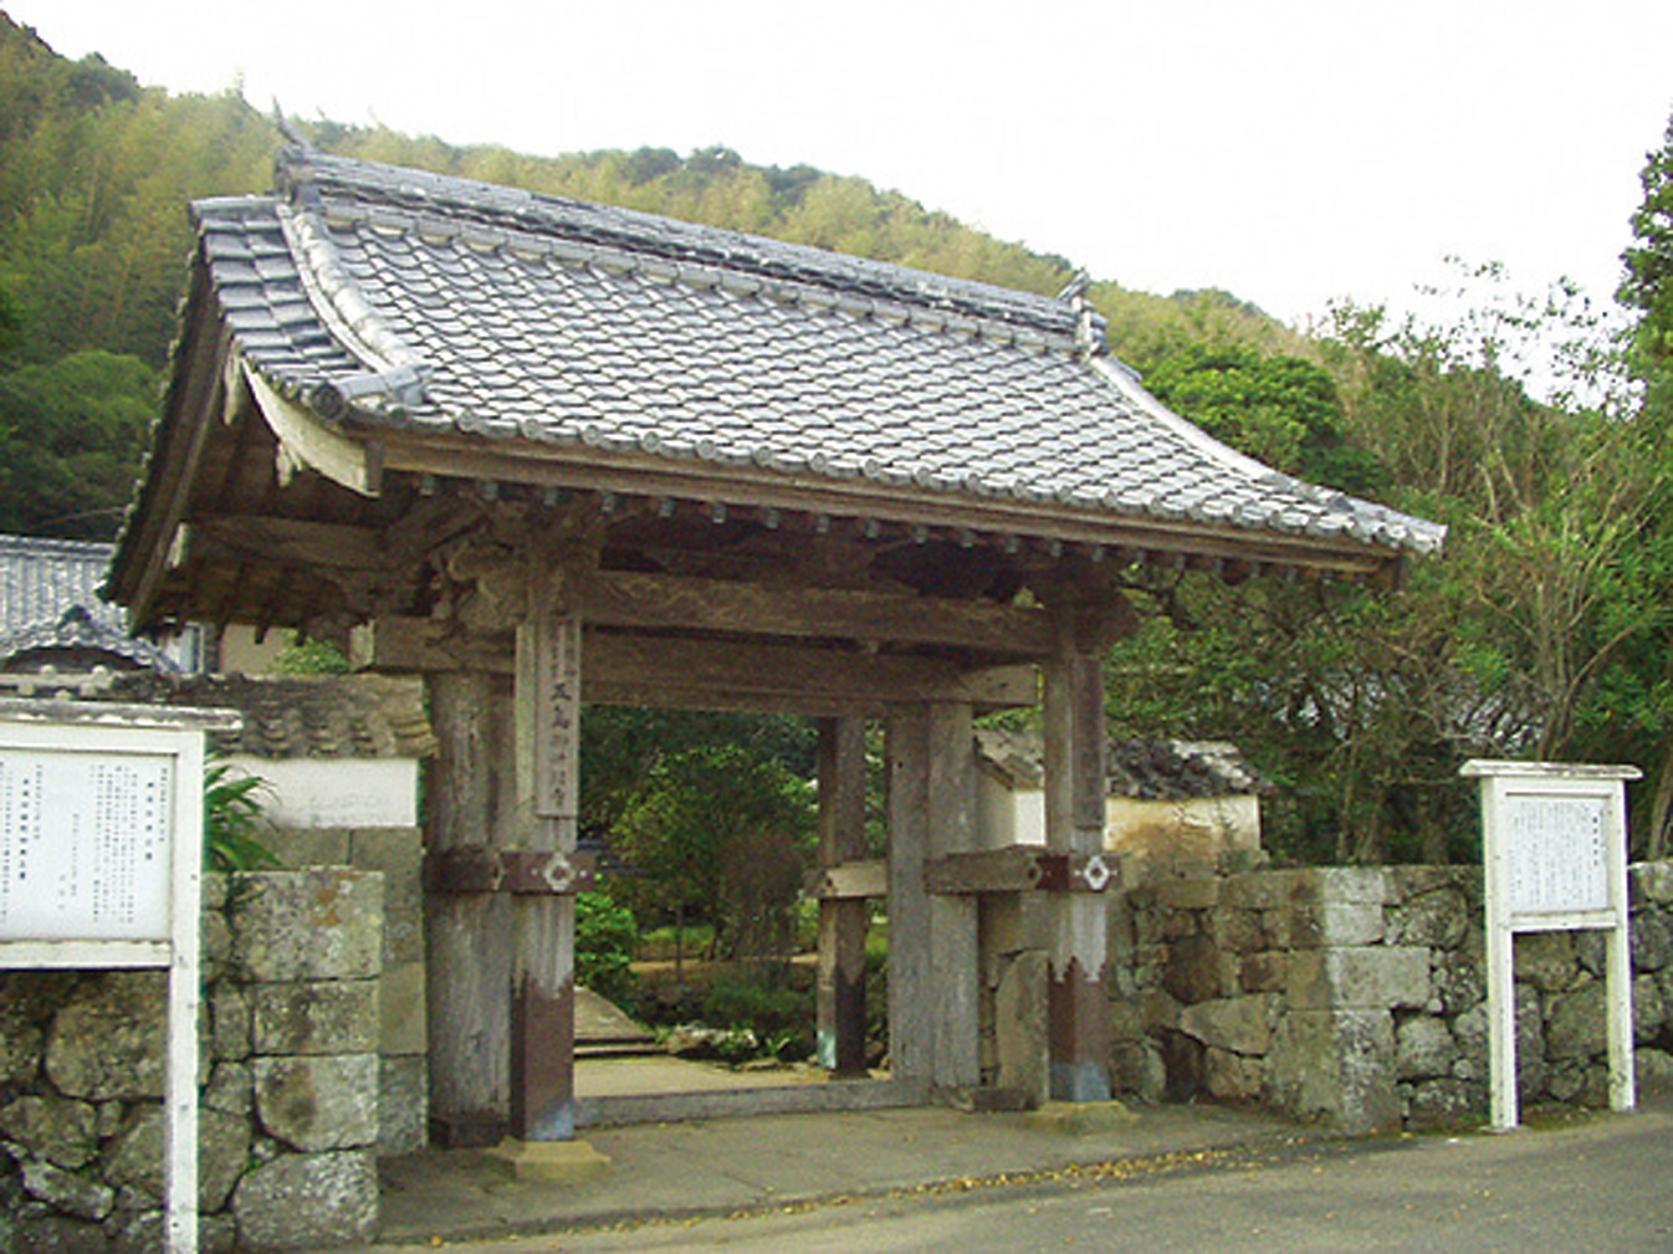 五島でお遍路!? 弘法大師ゆかりの地を訪ねる八十八ヶ所札所巡り-1